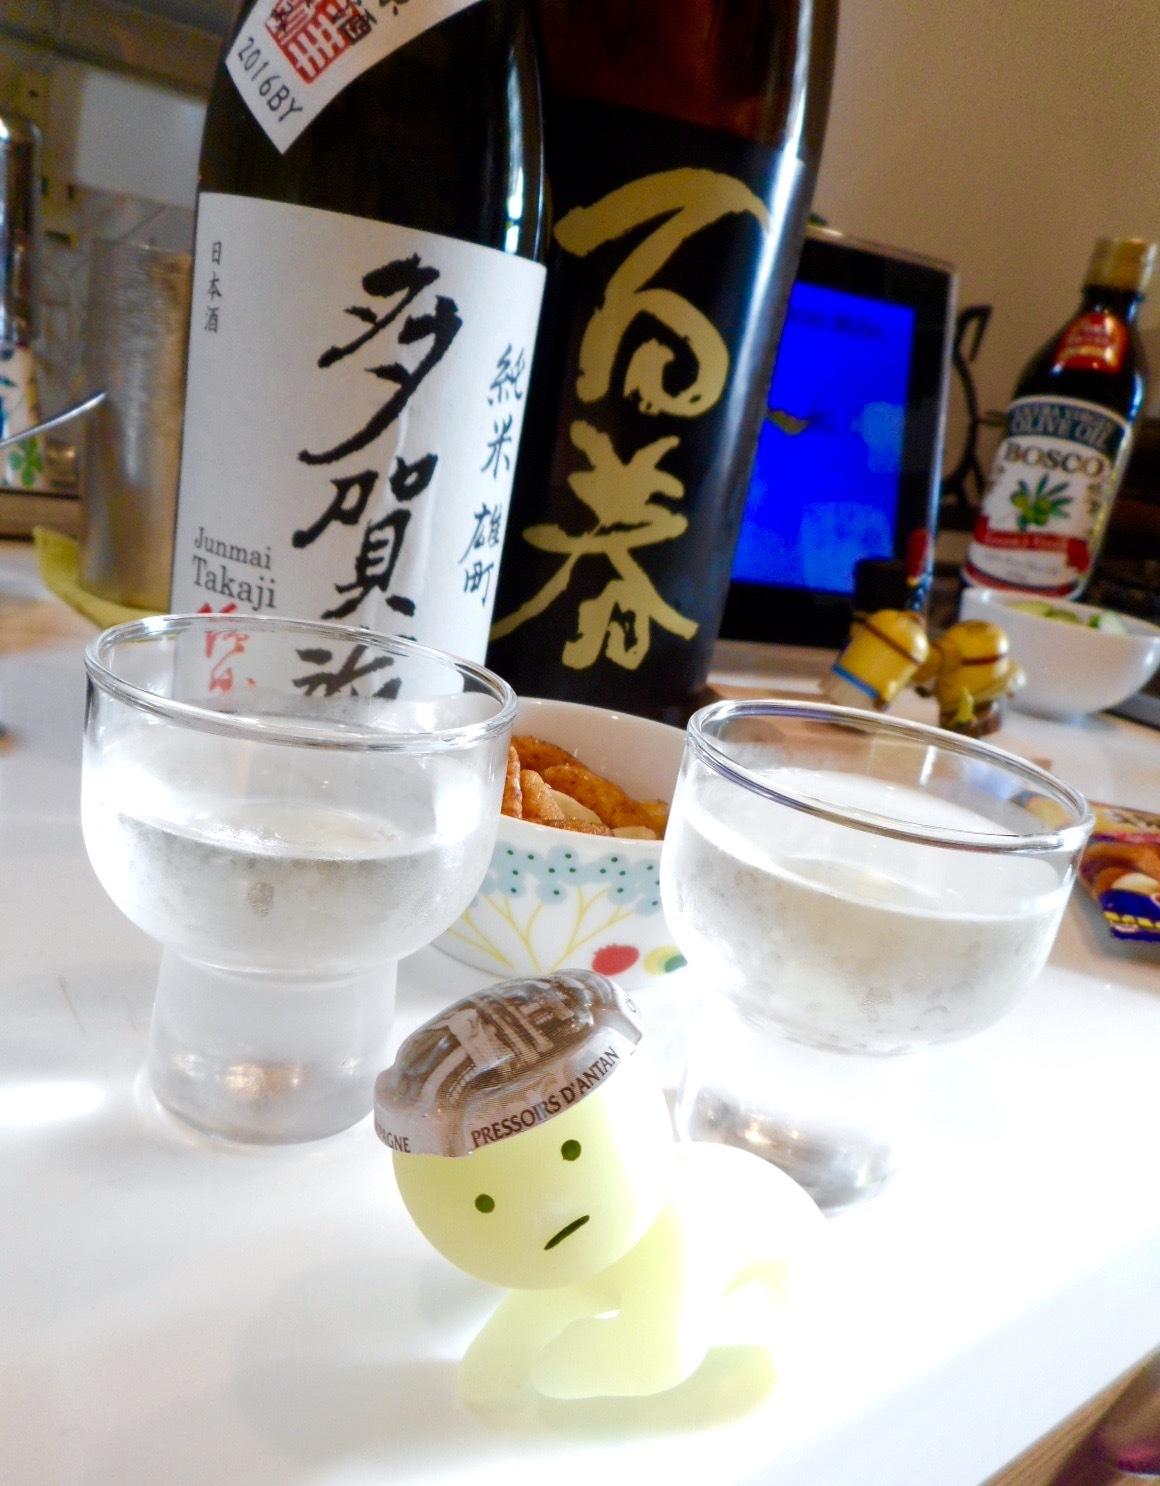 takaji_omachi_nama28by16.jpg